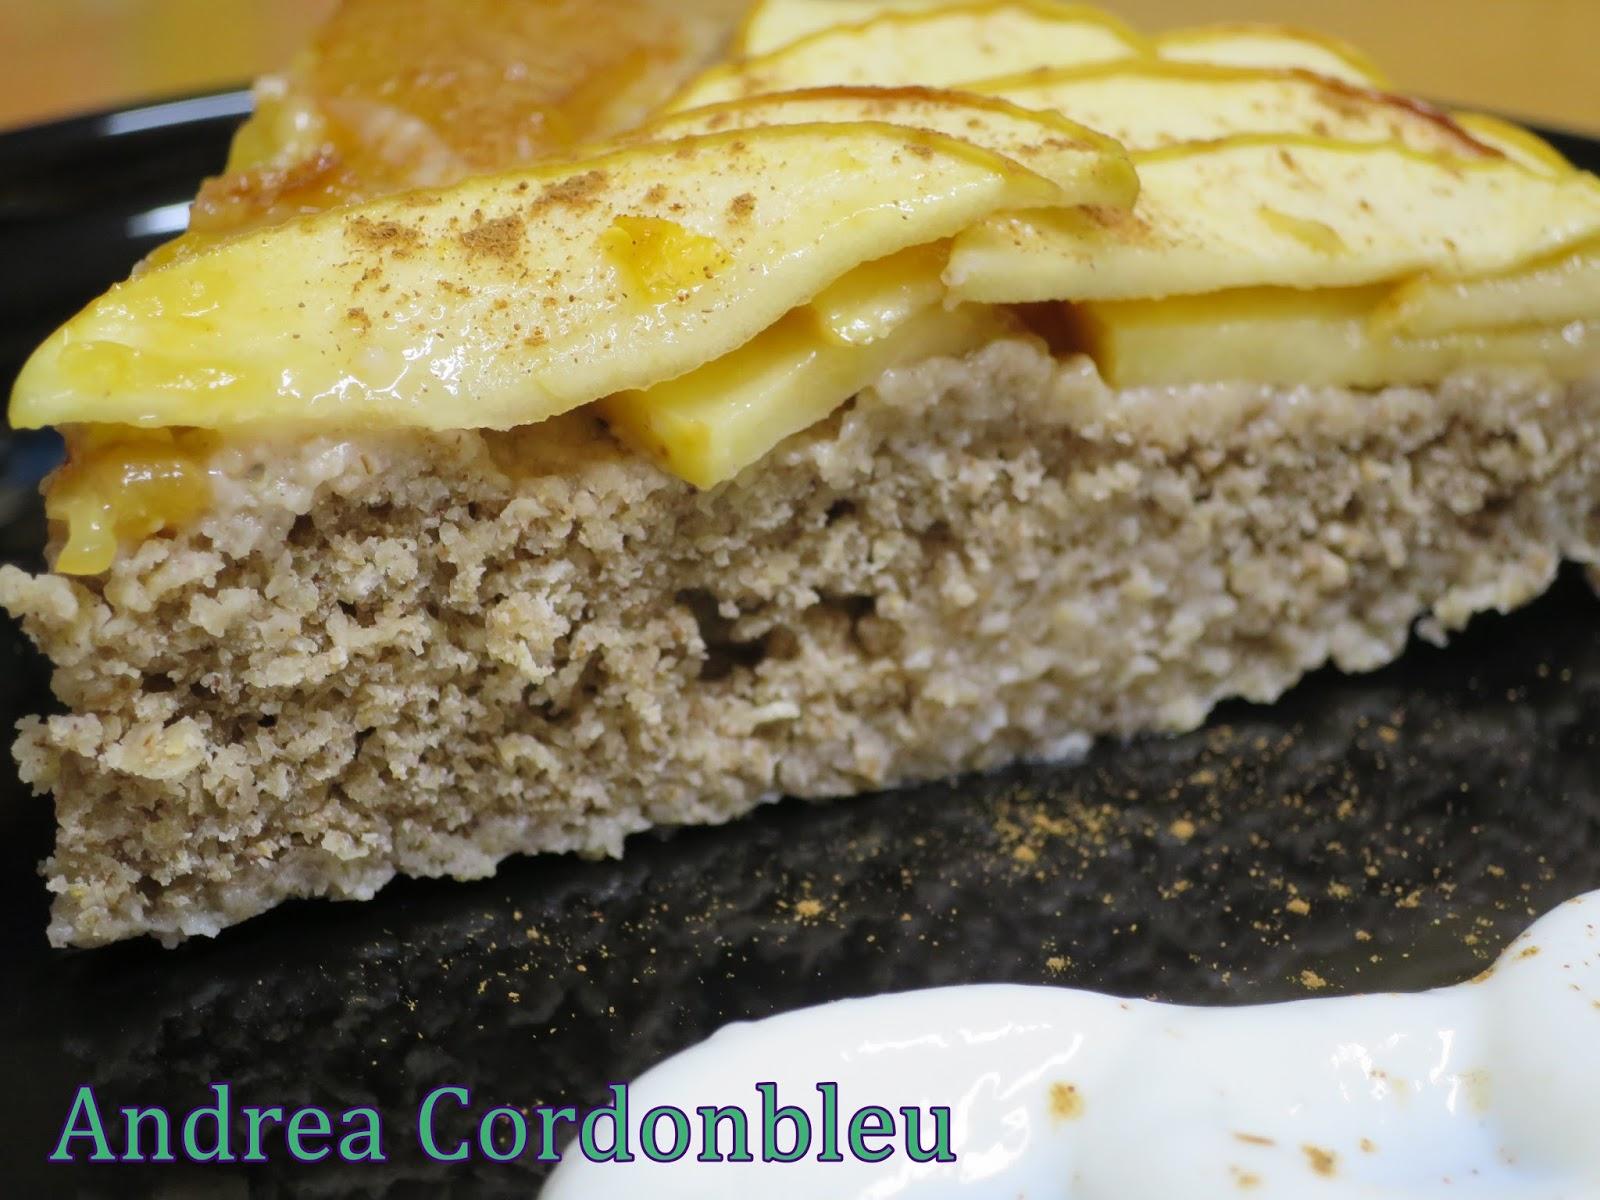 Cordonbleu pastel de melocot n y manzana fitness la cocina fit de vikika - La cocina fit de vikika ...